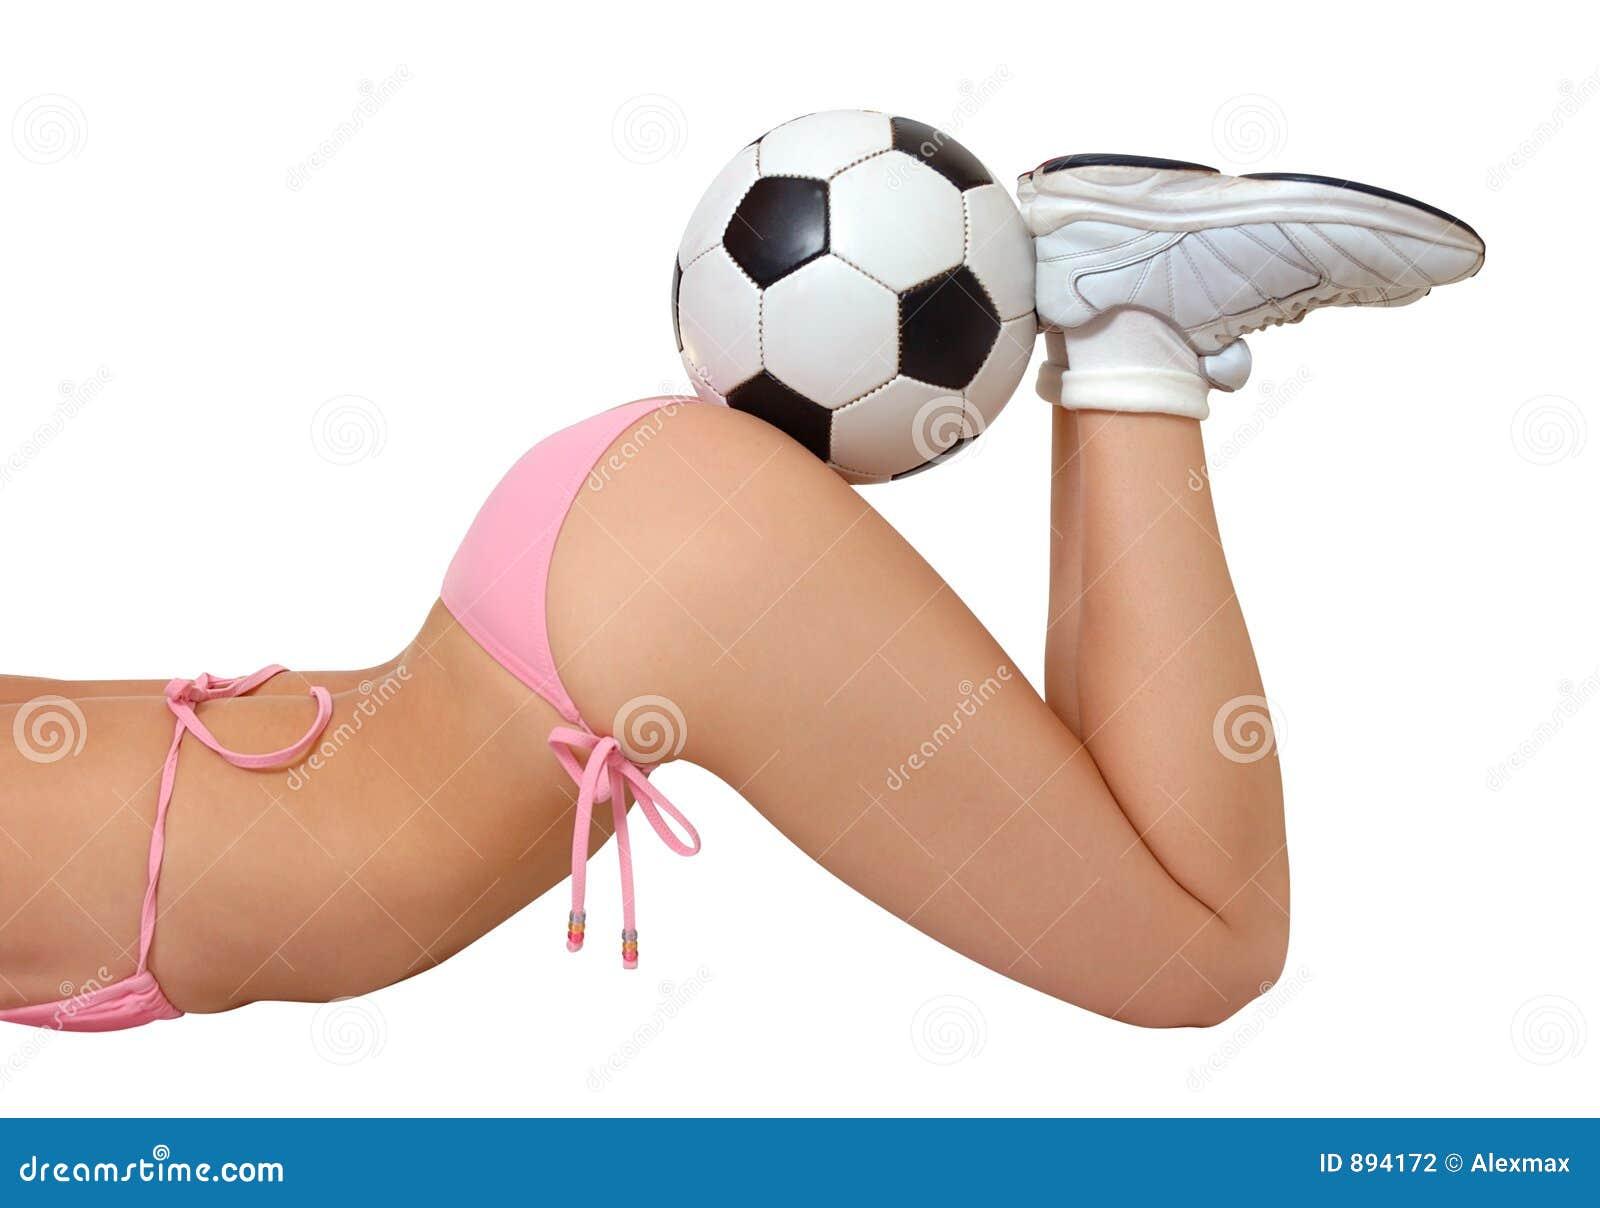 Abstrakcyjna koncepcja piłki nożnej